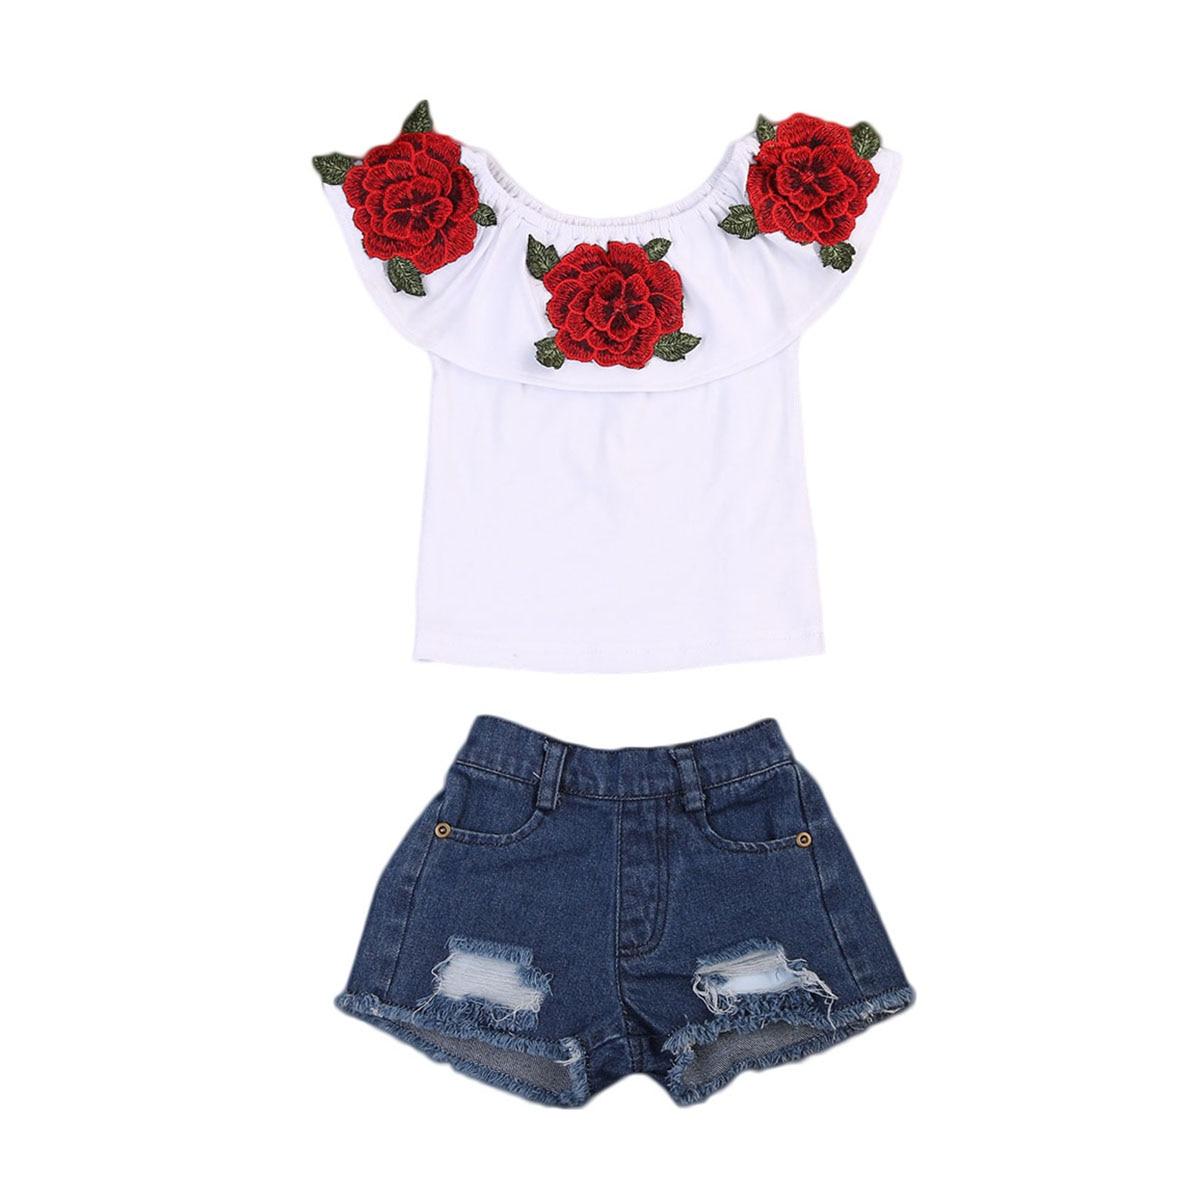 Bonitos pantalones cortos de mezclilla para niños y niñas con flores en 3D, 2 uds, ropa de talla 2-7T